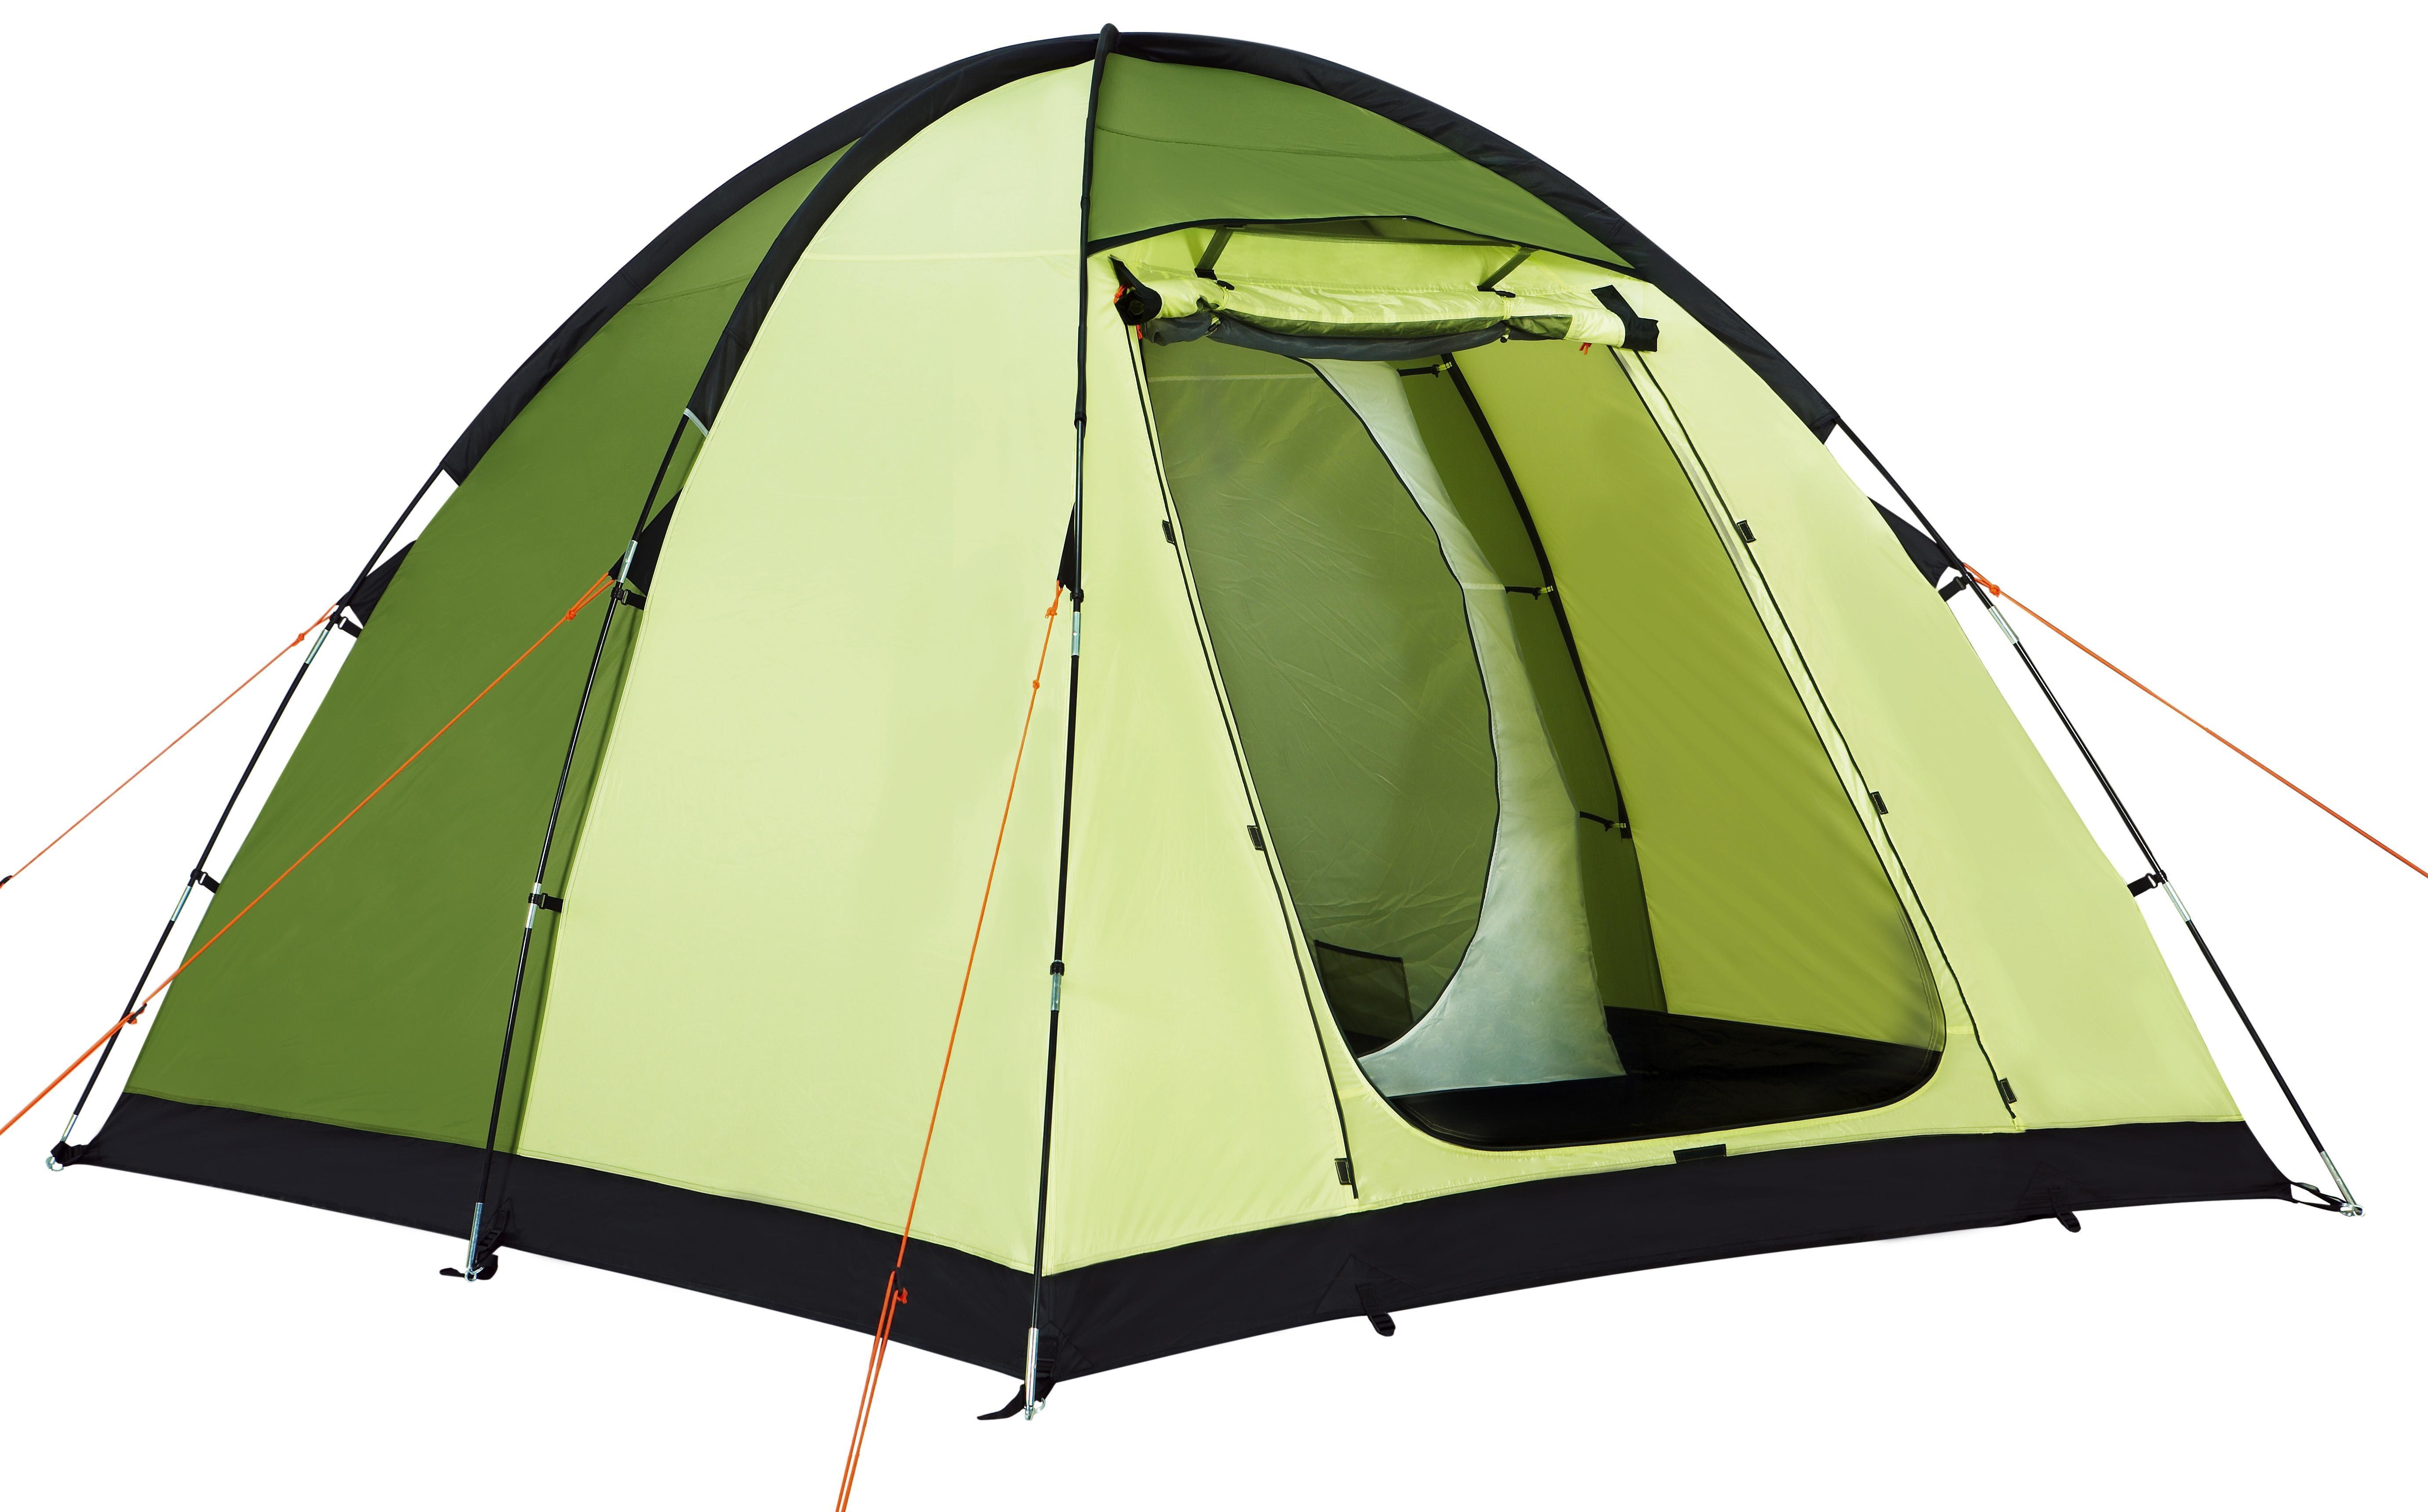 Jamet Geodia Dome Tent - Jamet Tents - Tents by Brand